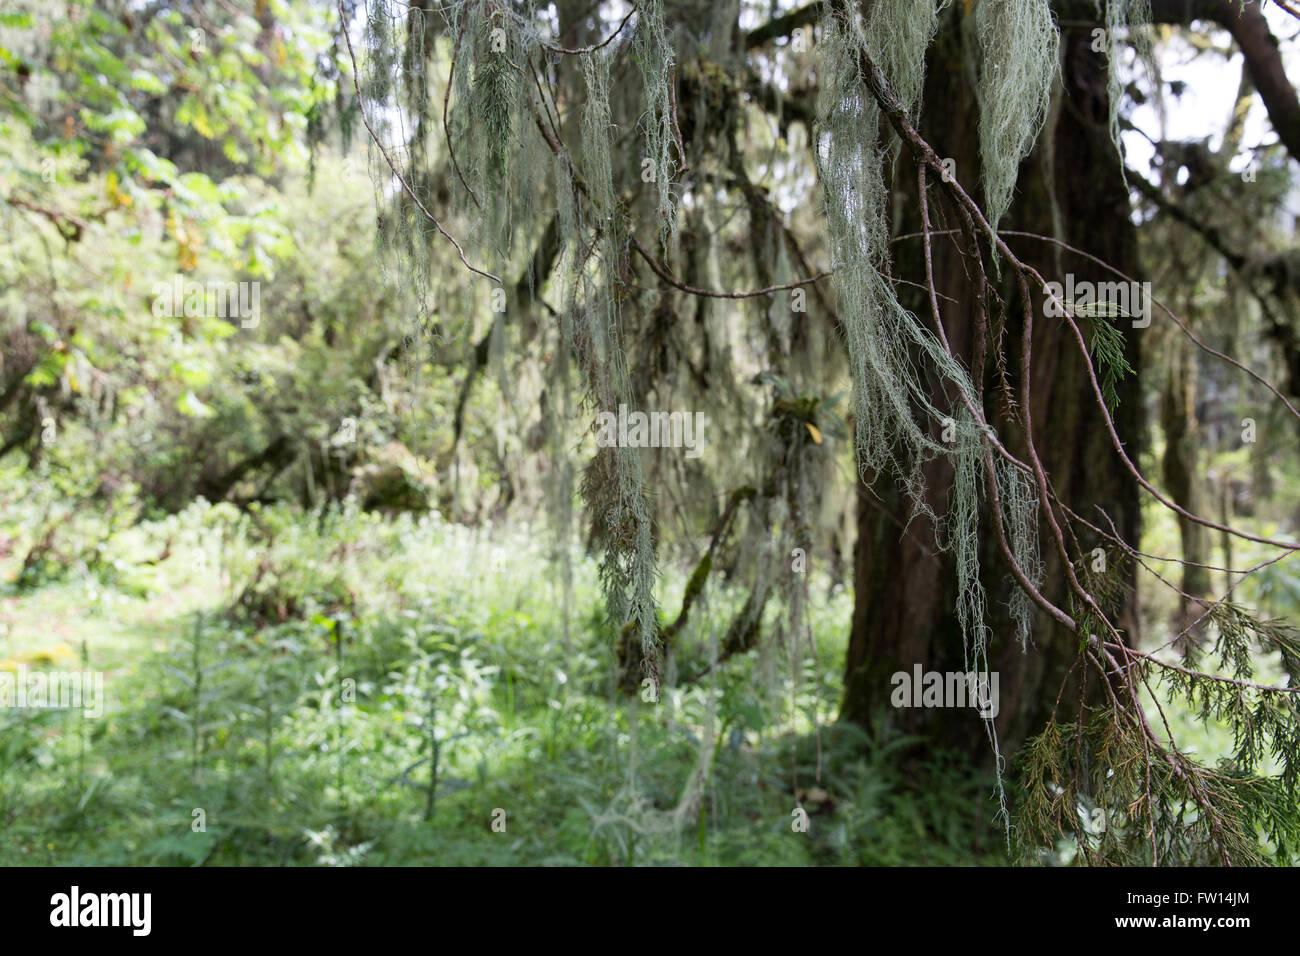 North Shewa,  Ethiopia, October 2013: Whispy  vegitation on forest juniper trees. - Stock Image